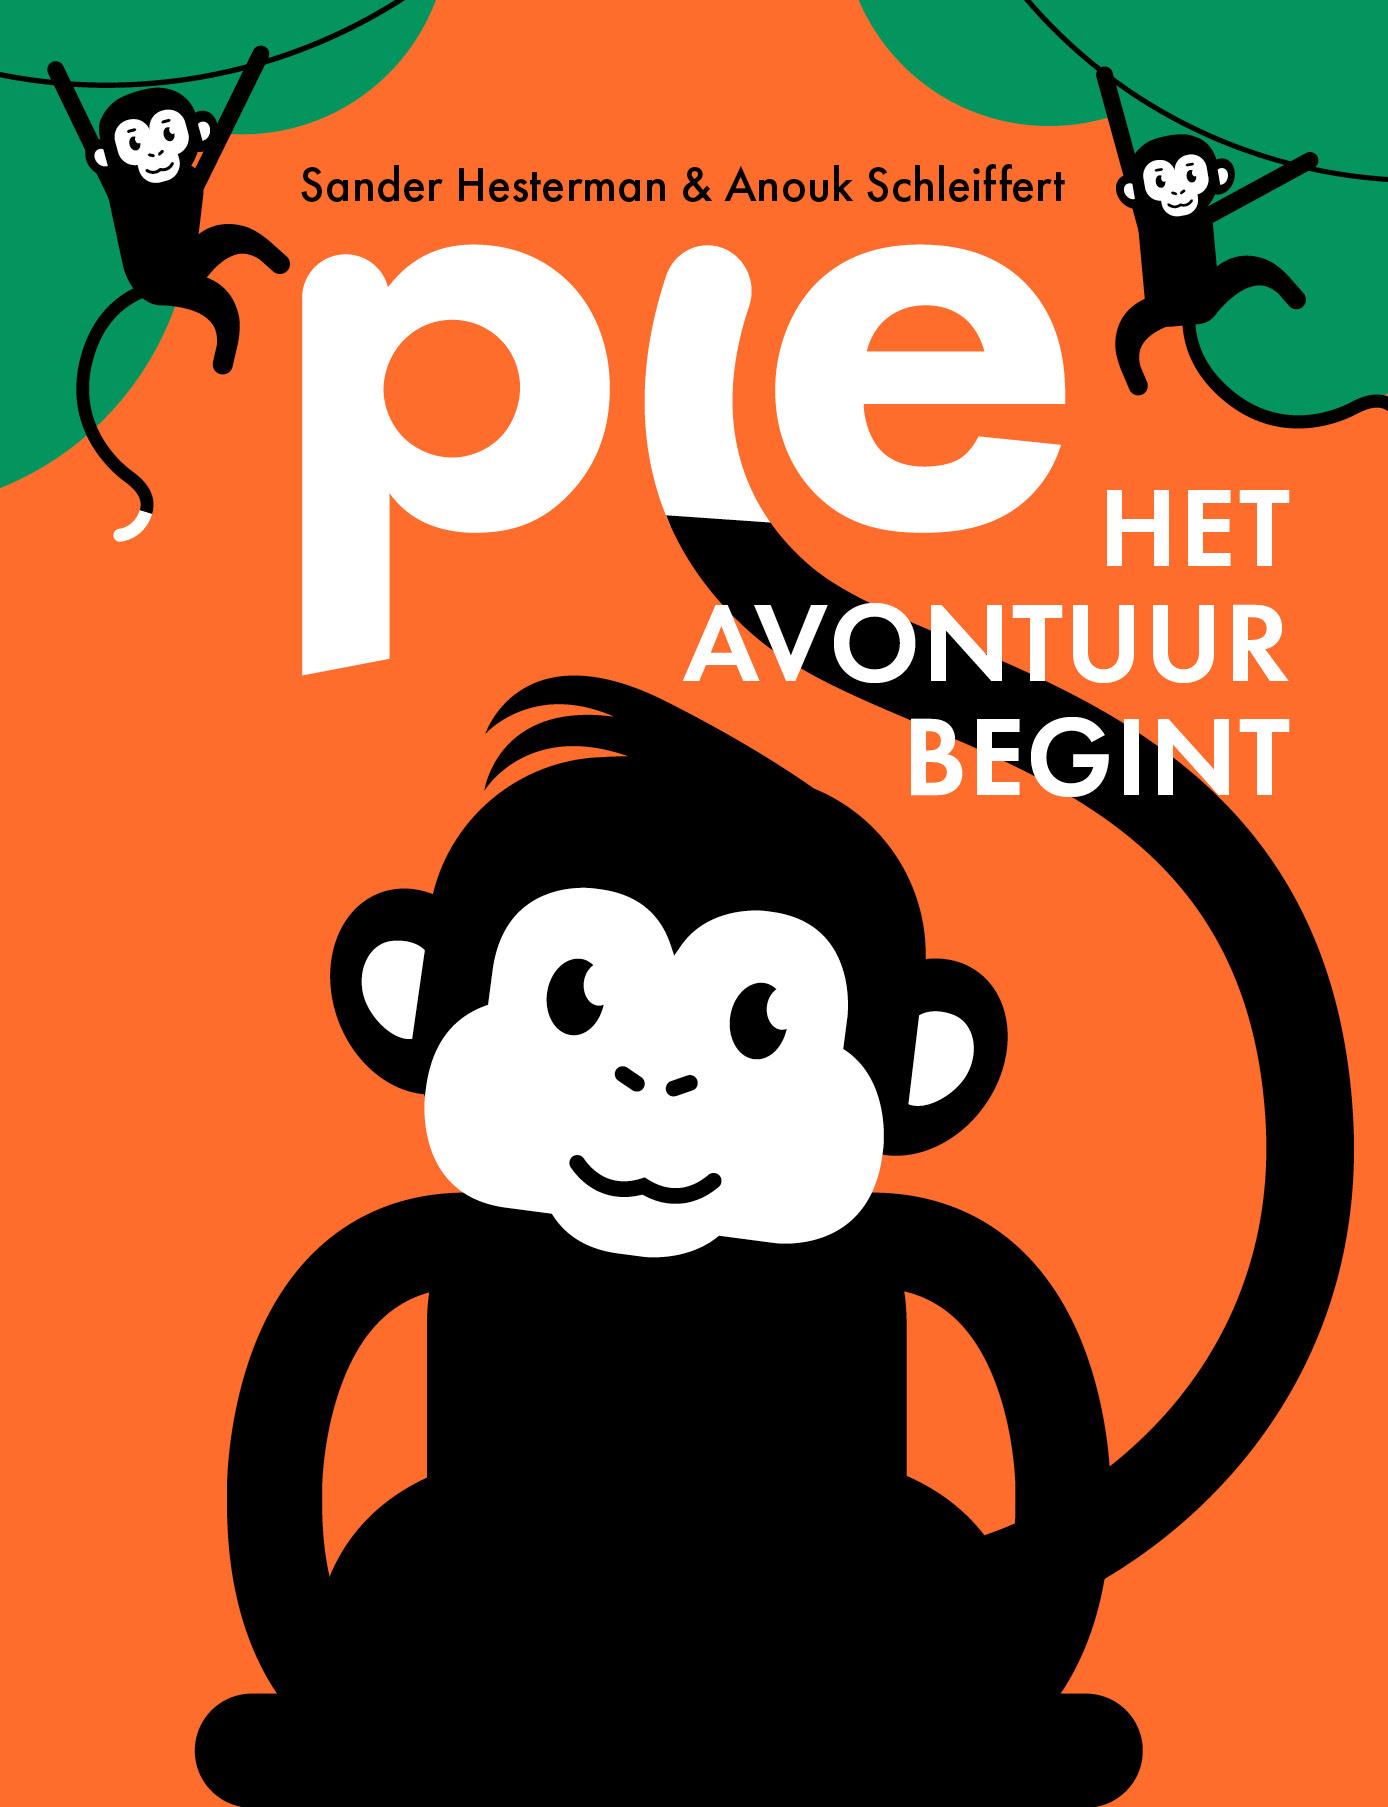 Pie - Het Avontuur Begint (only in Dutch)-1